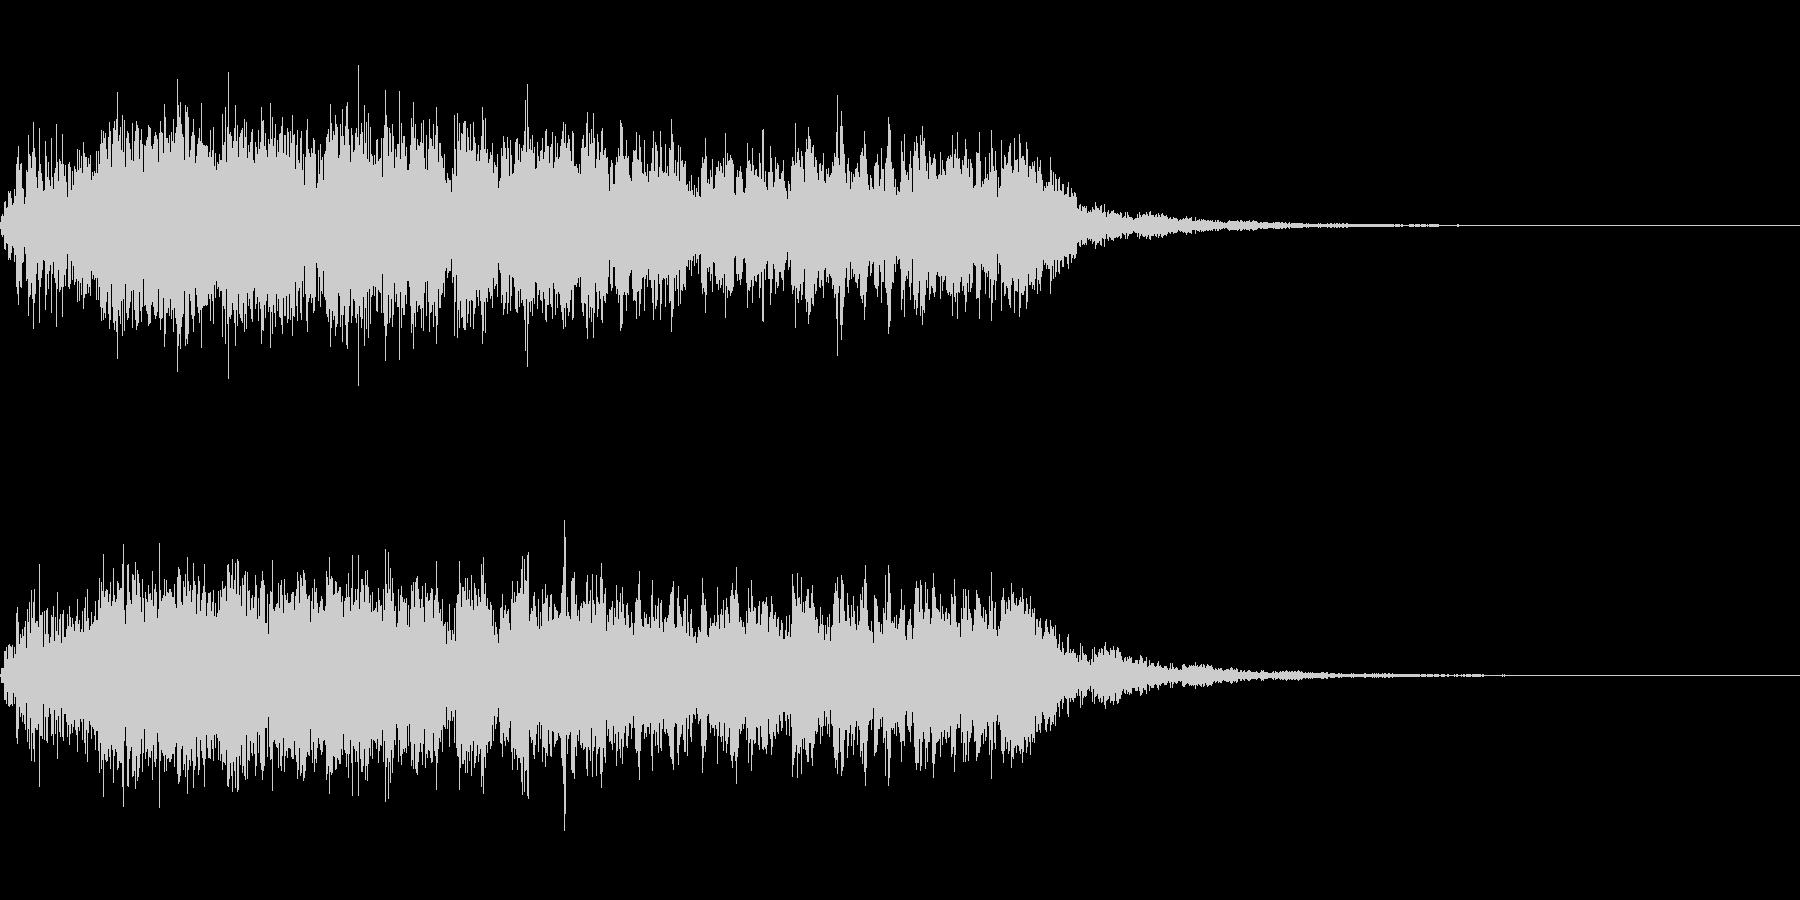 「キュルルル~(逆回転の音)」の未再生の波形